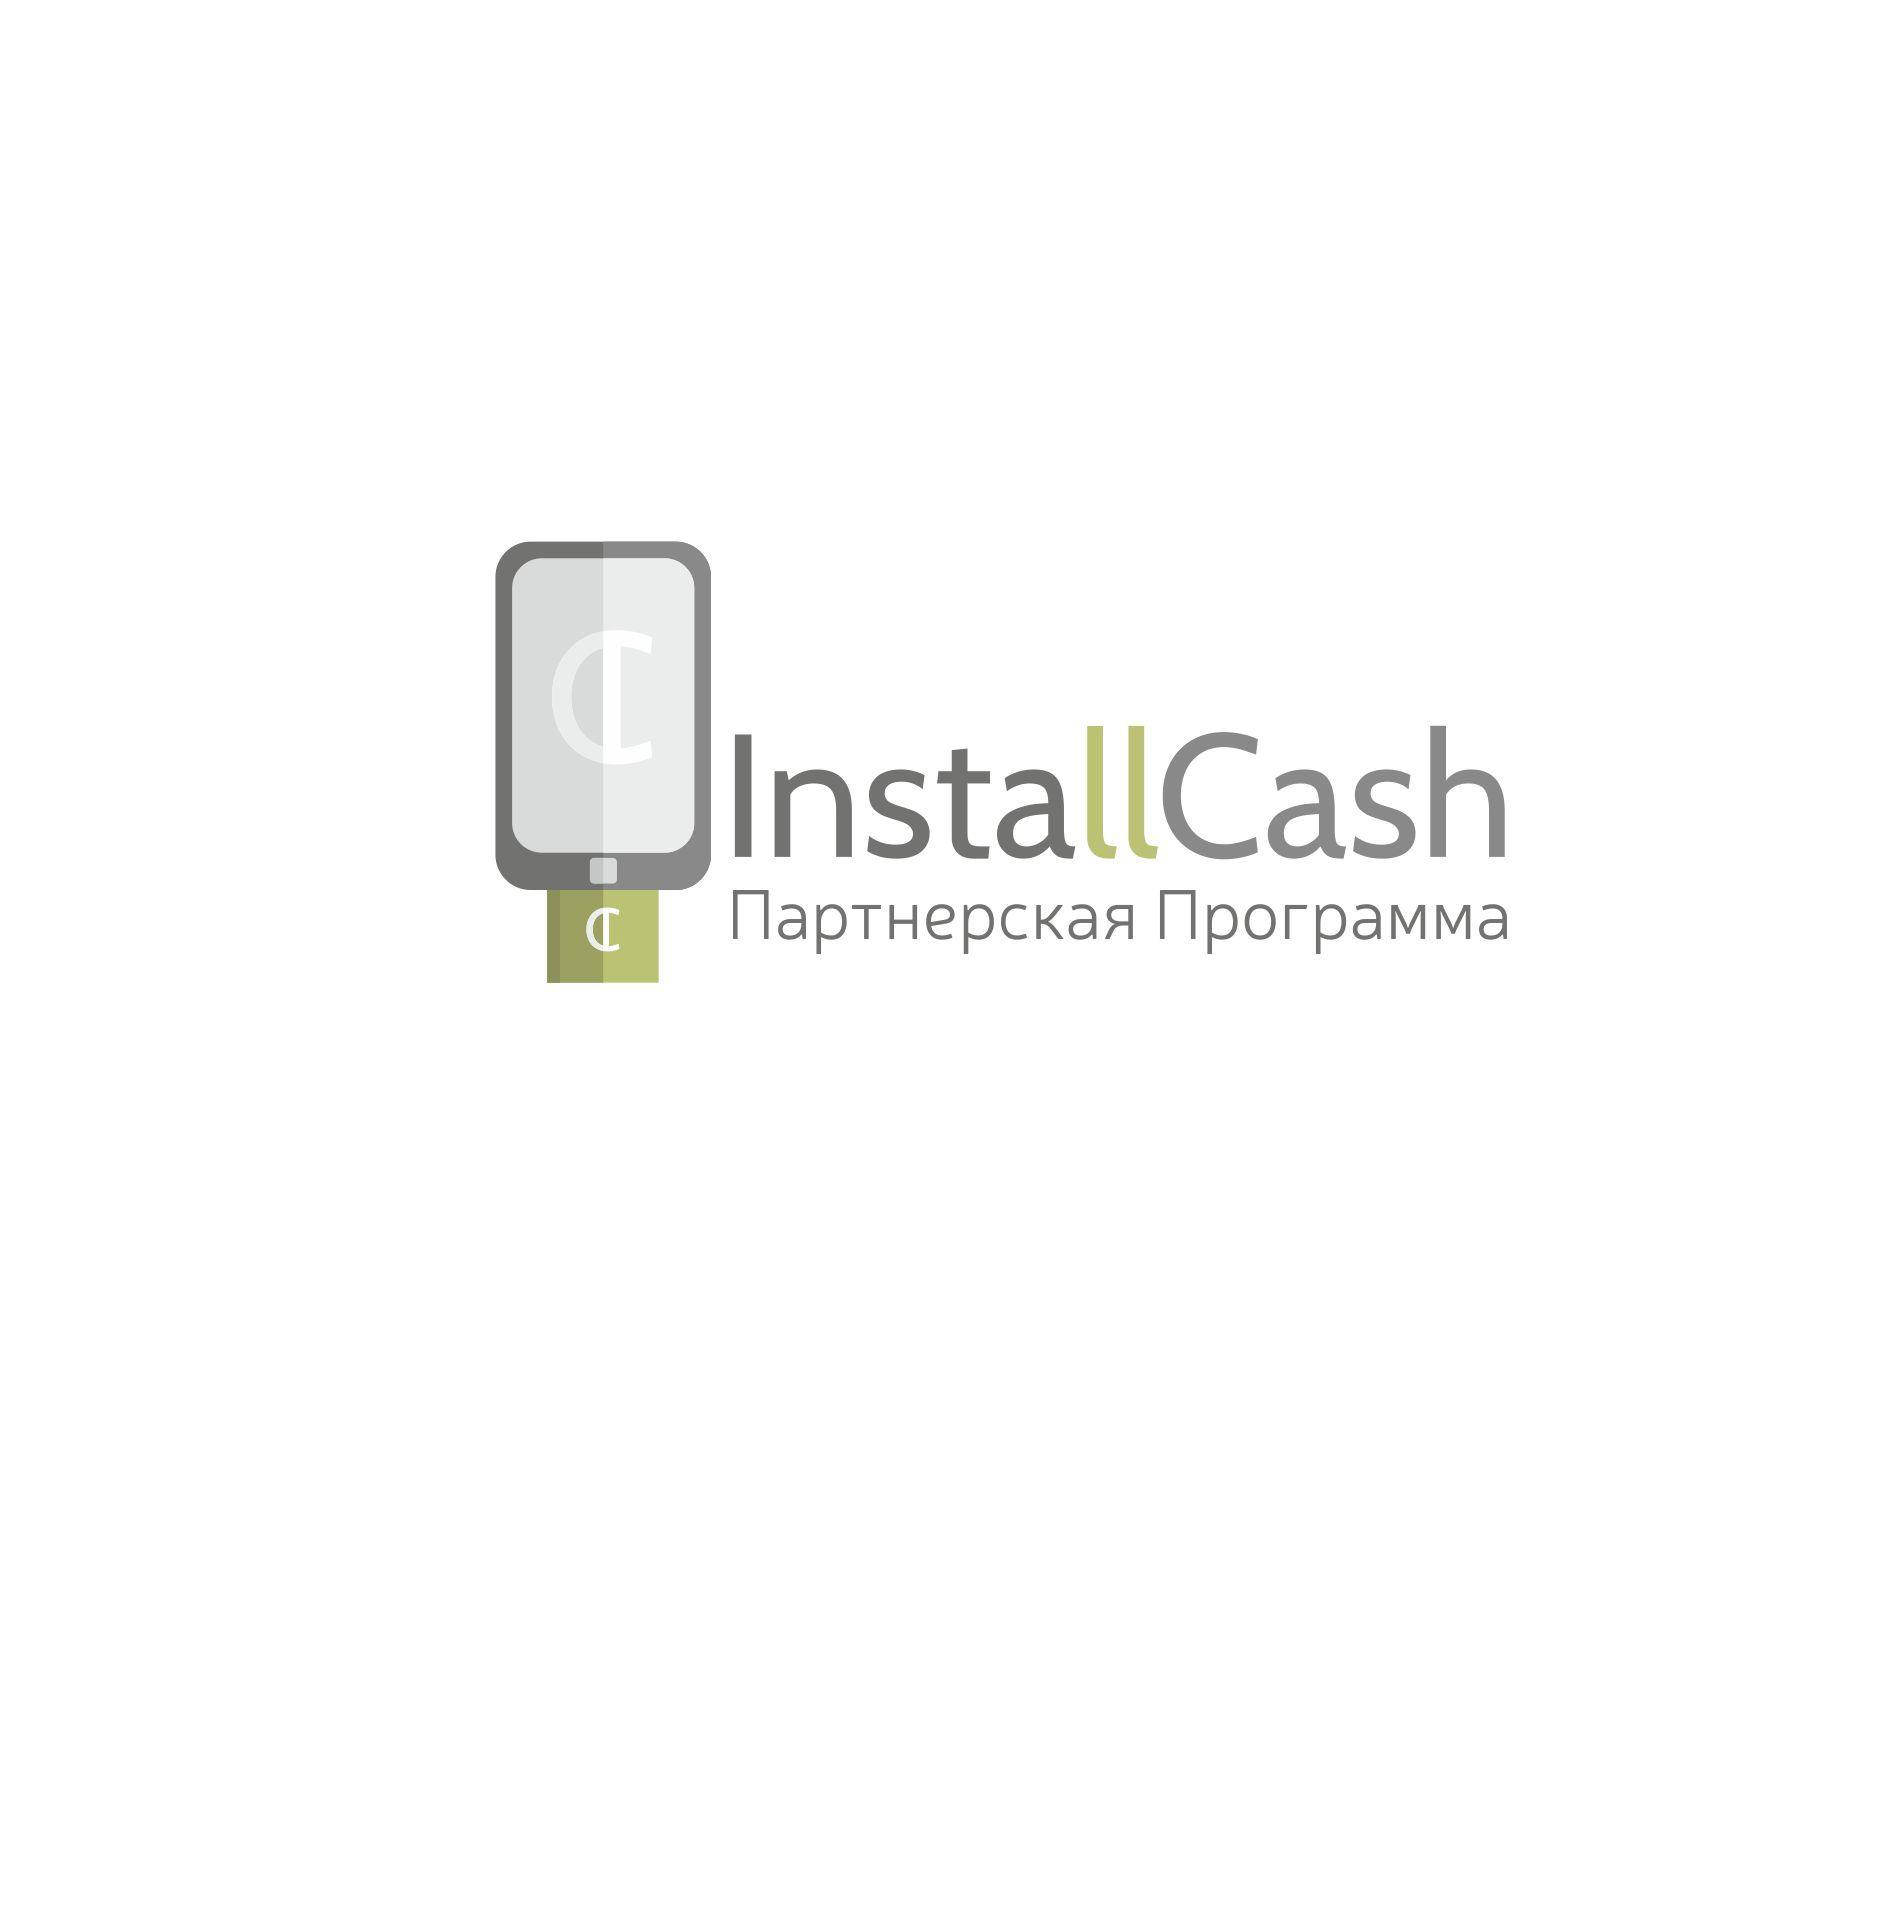 Логотип для партнерской программы InstallCash - дизайнер Nekor